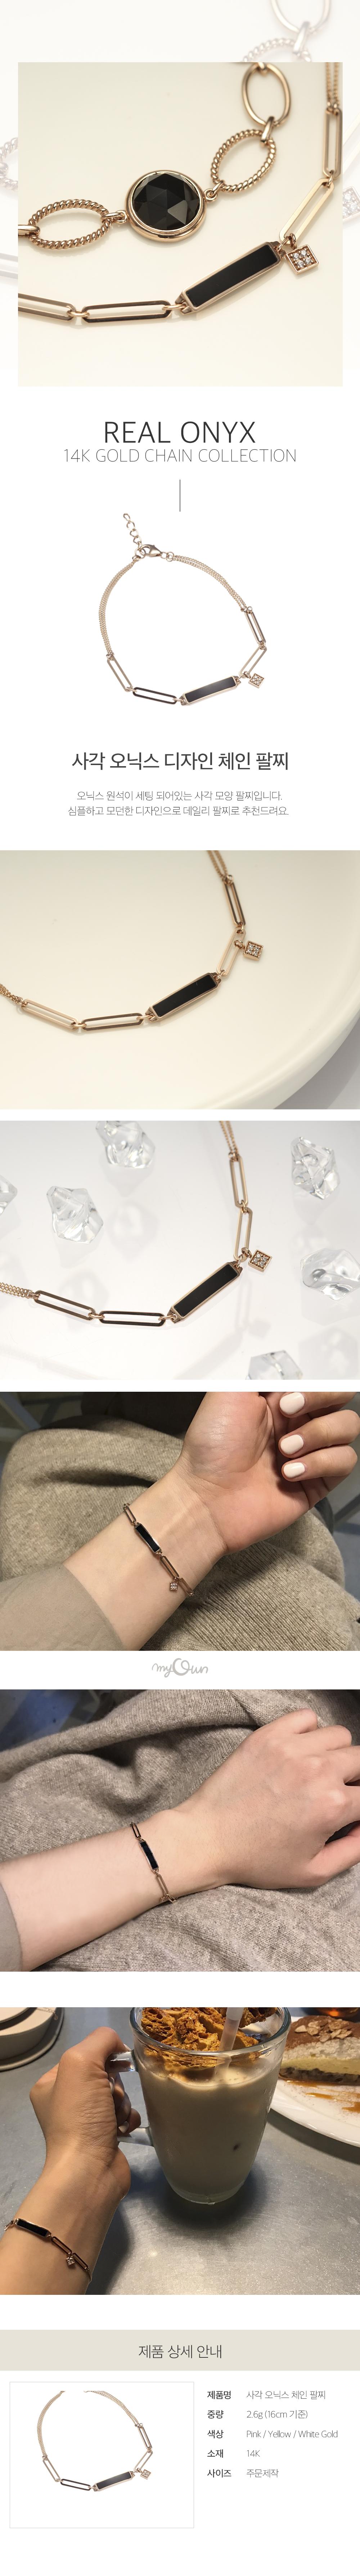 14k 다이아몬드 피어싱